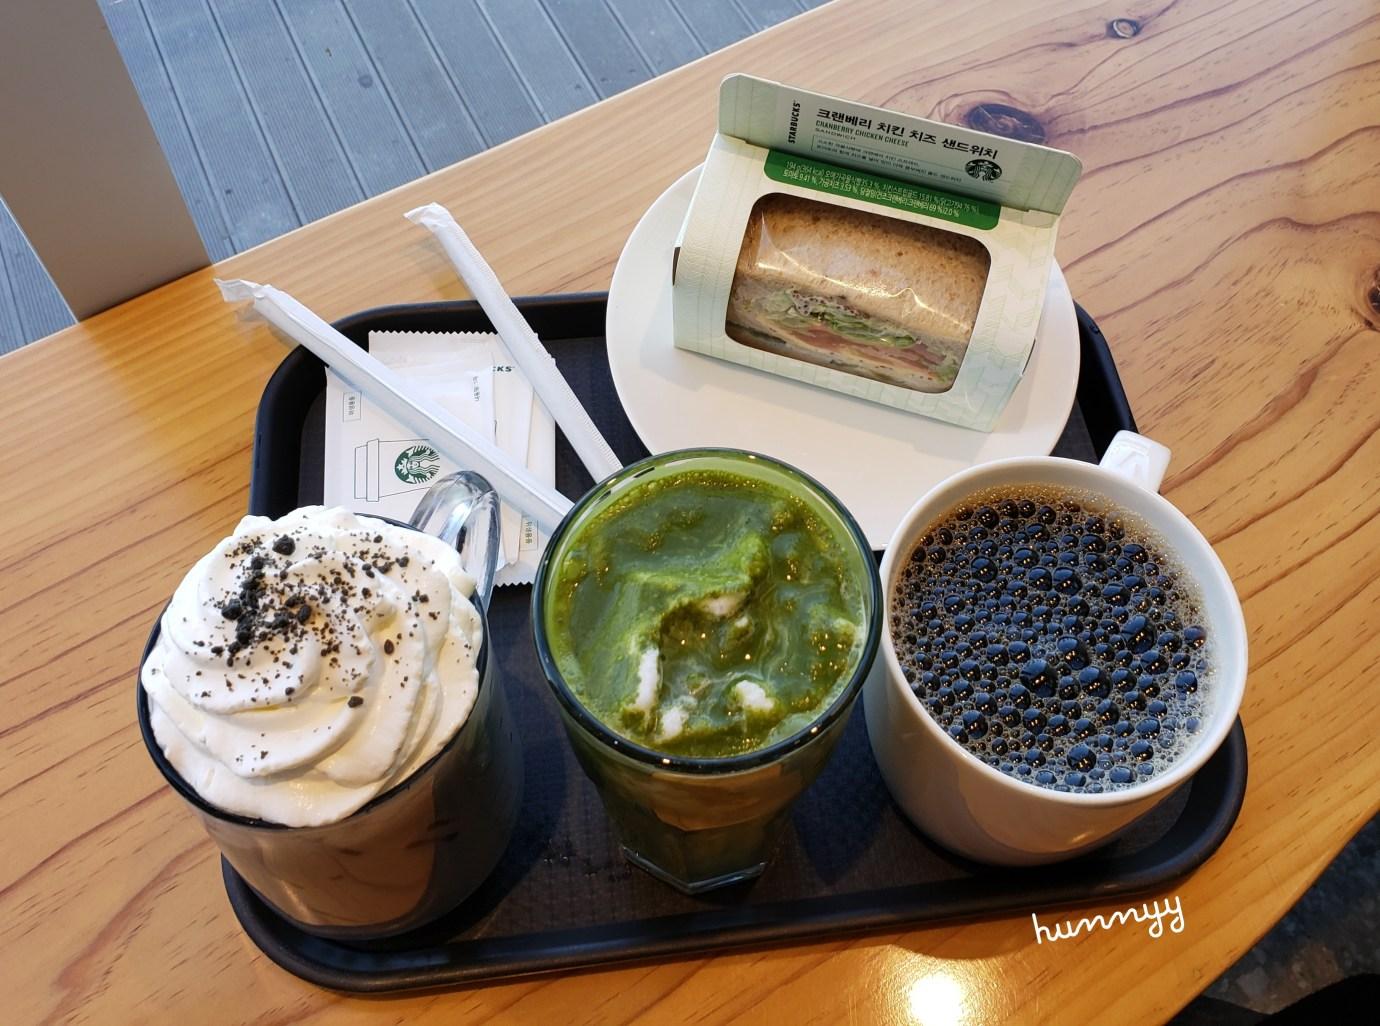 Hunnyy Jeju Starbucks Cafe